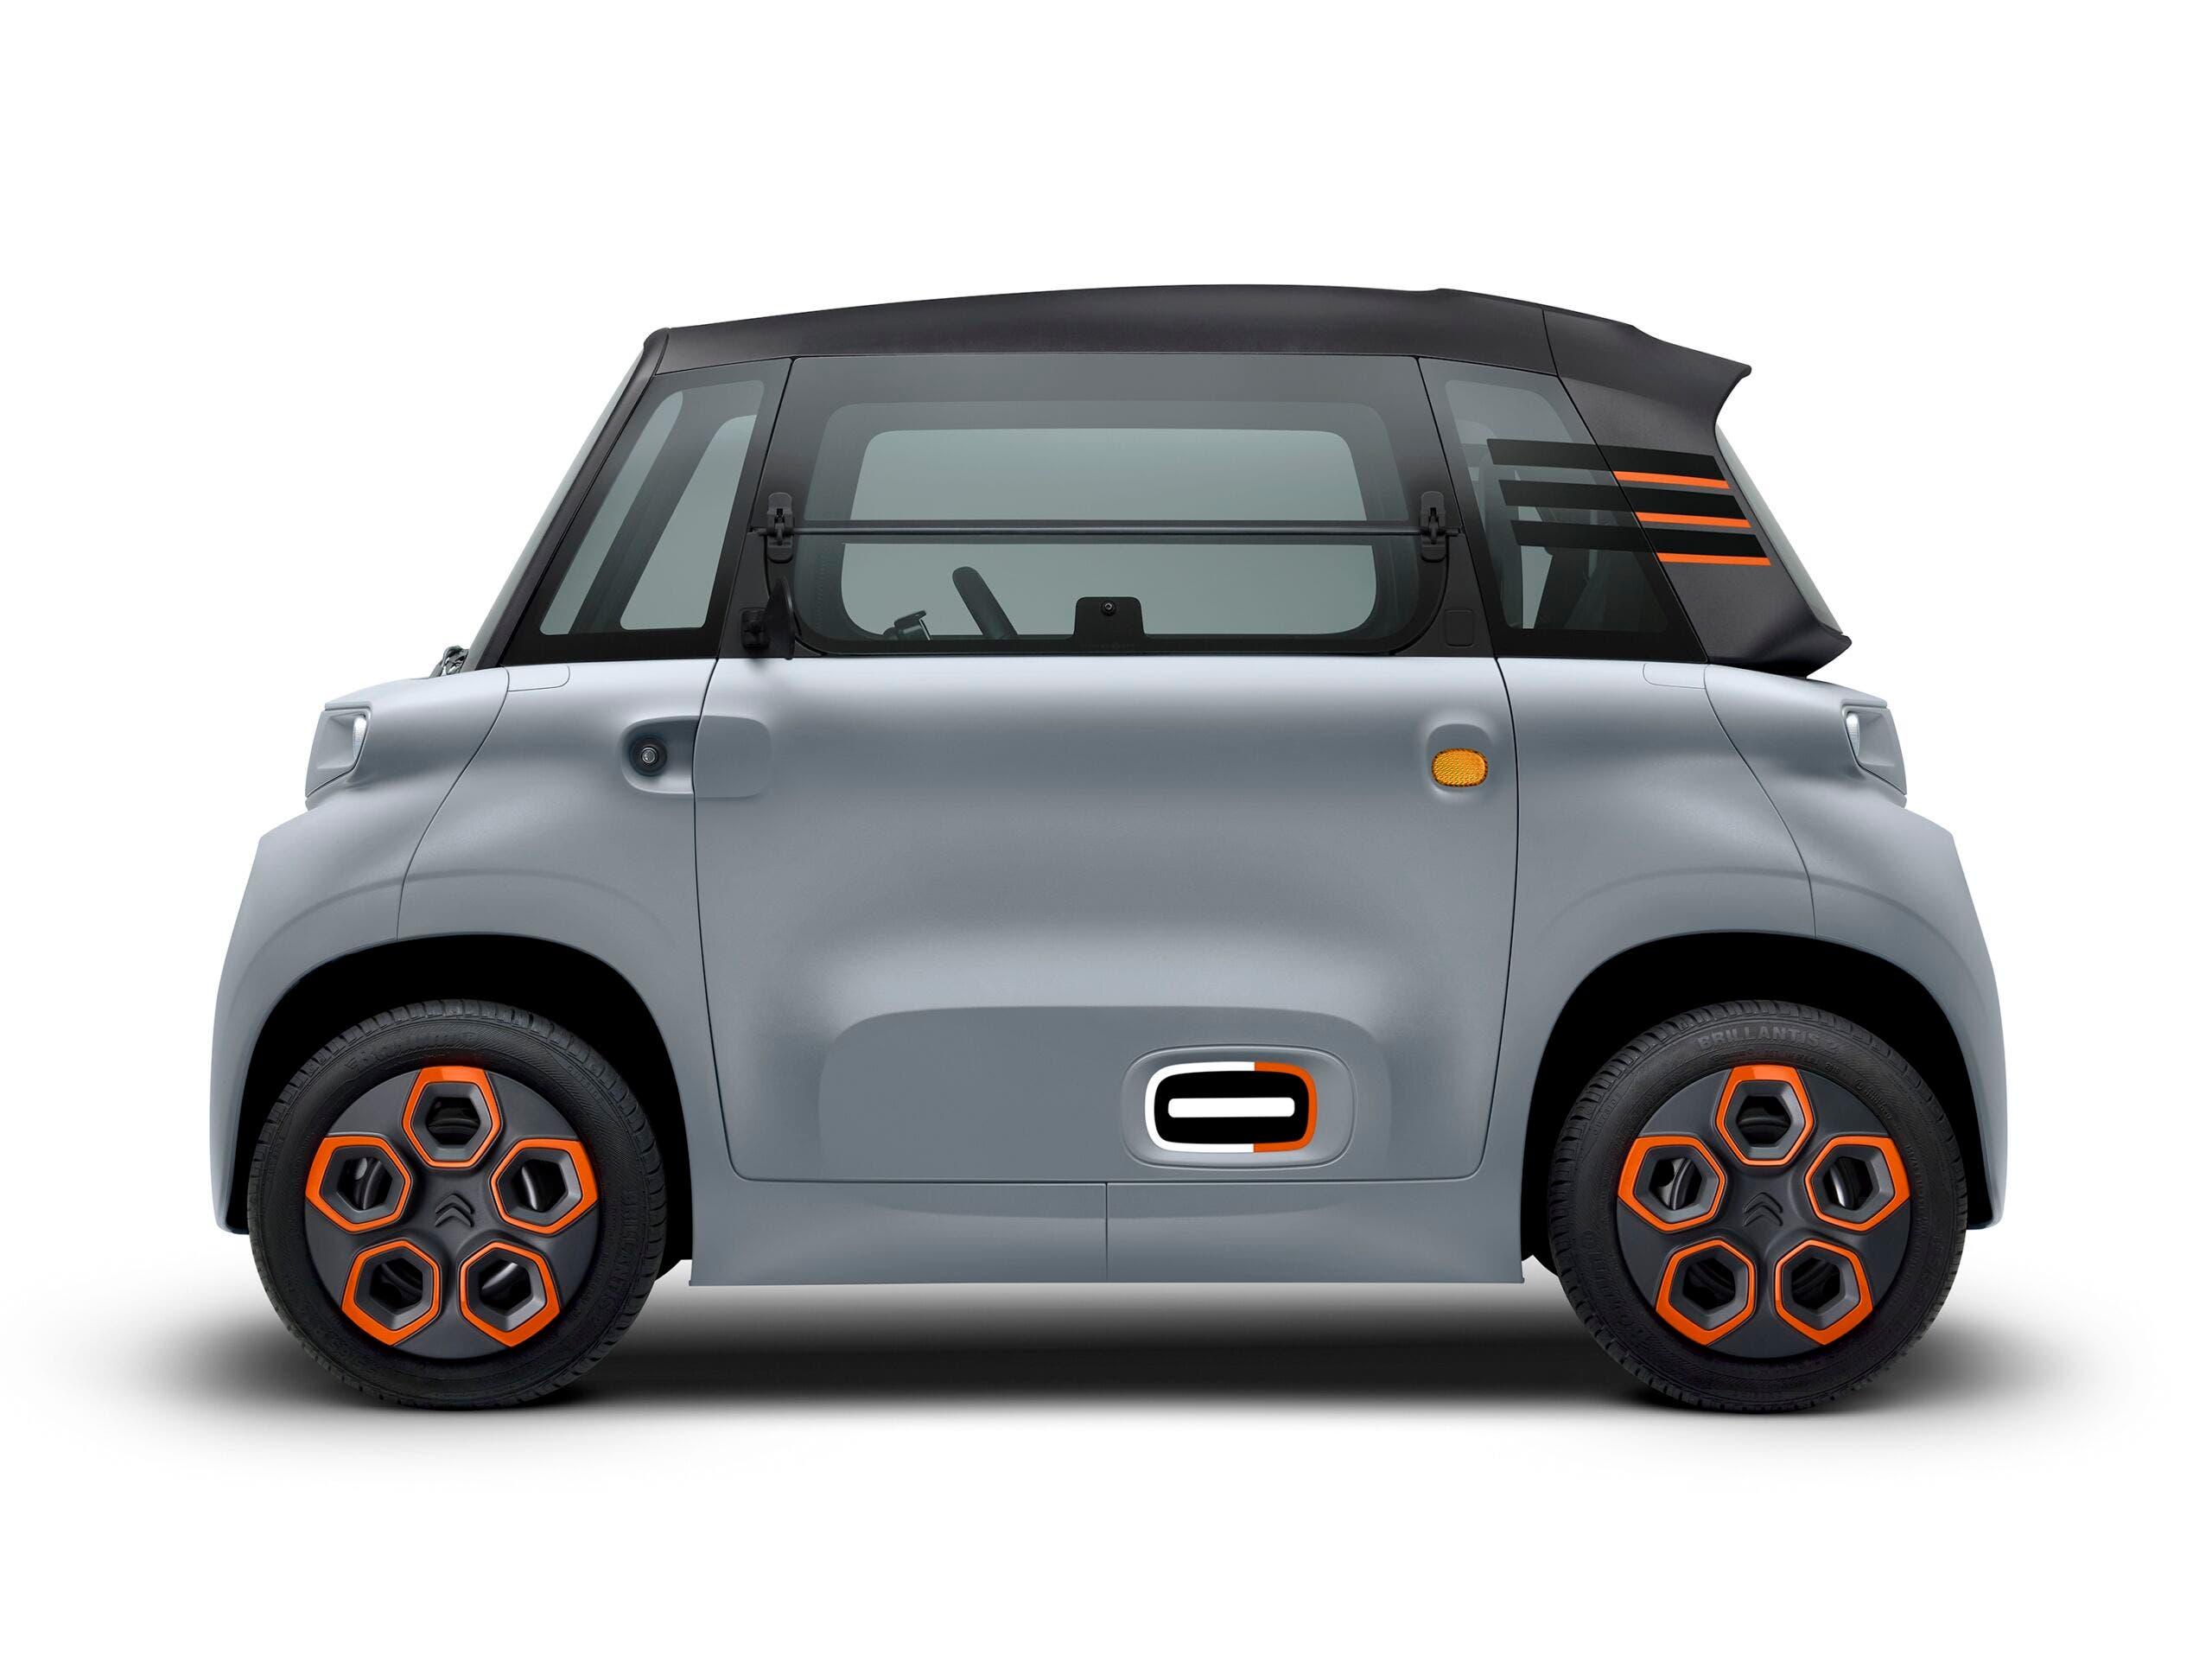 Citroën Ami accessori personalizzazione ricambi